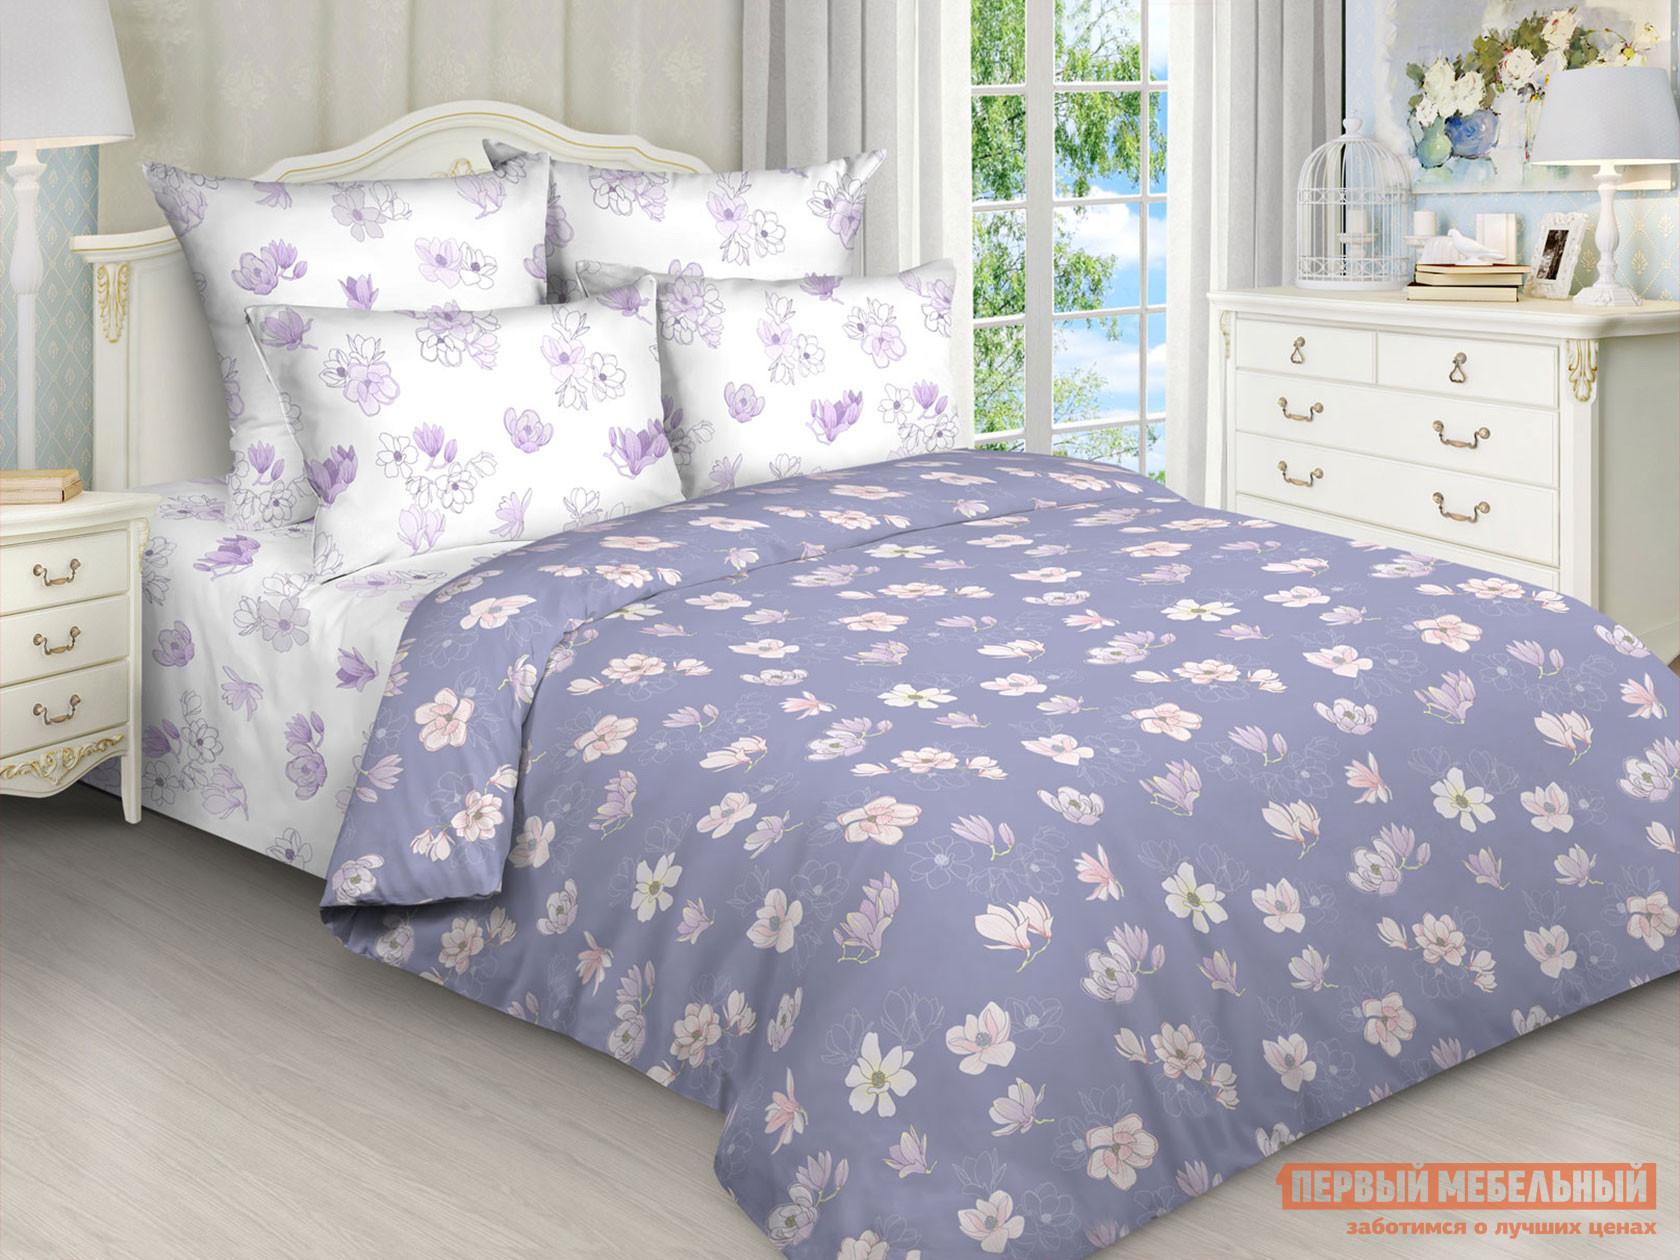 Комплект постельного белья КПБ Butterfly Поплин 9026 9026, поплин, Двуспальный фото